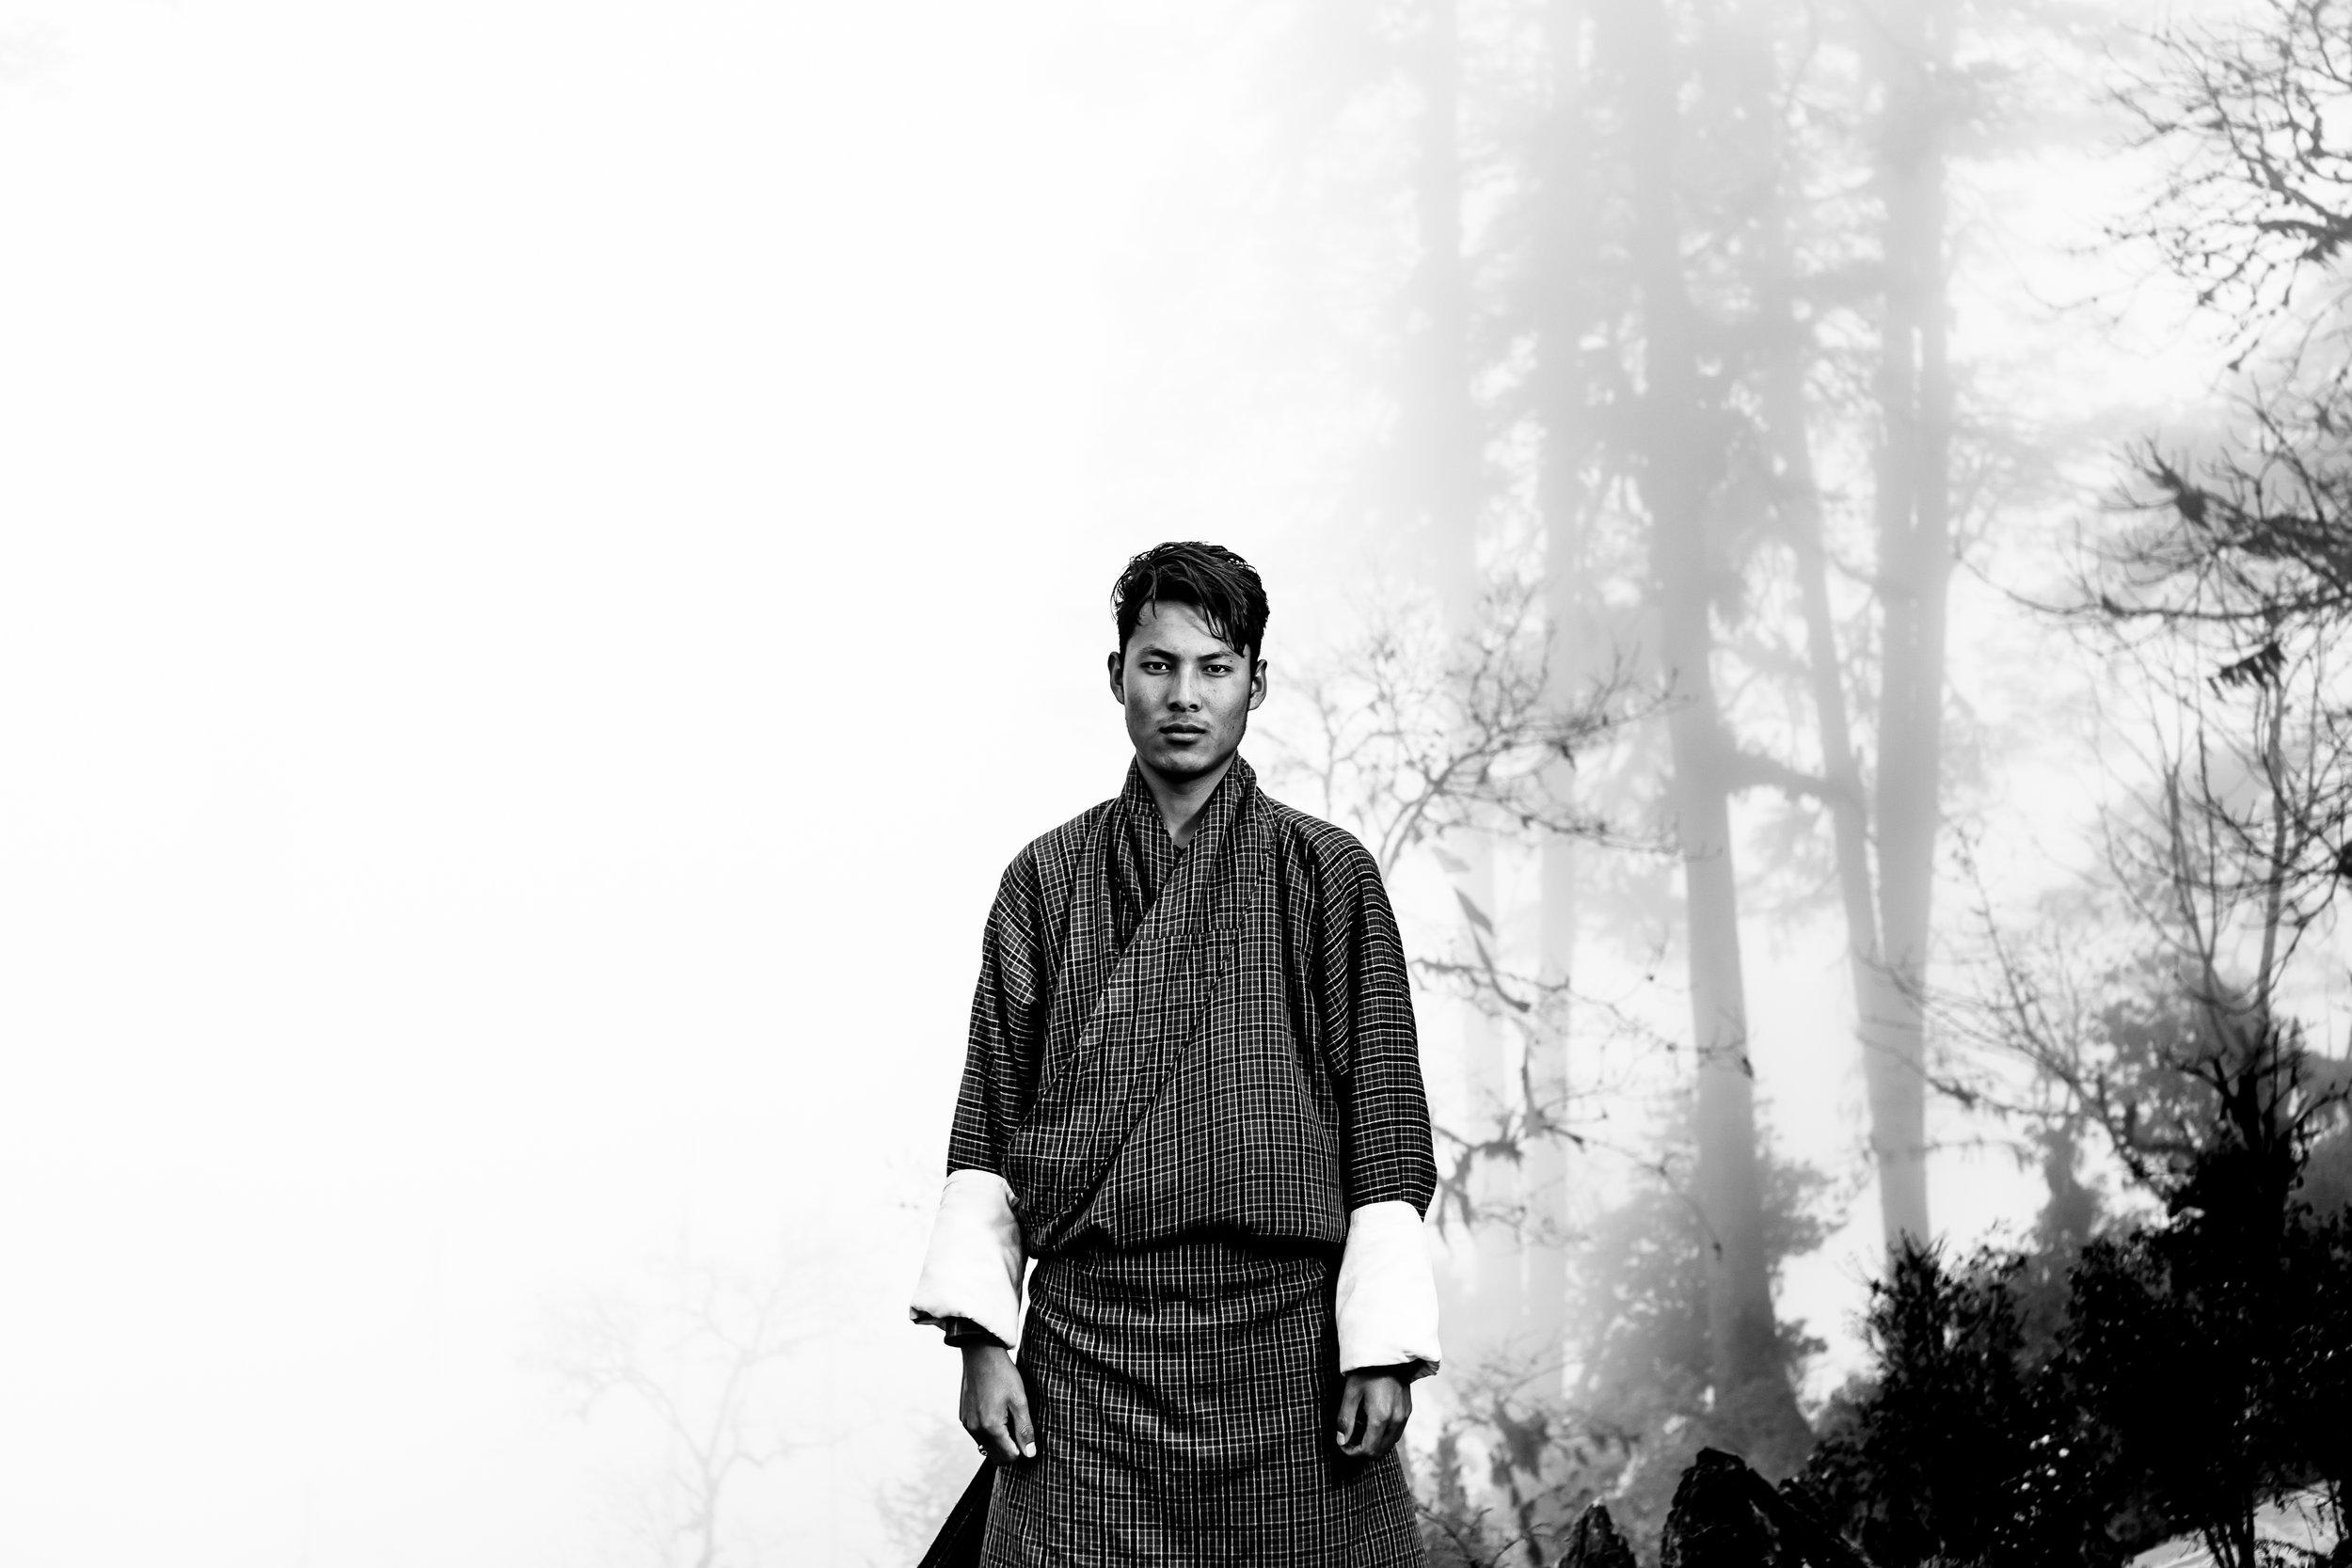 Bhutan-Kencho-posing.jpg